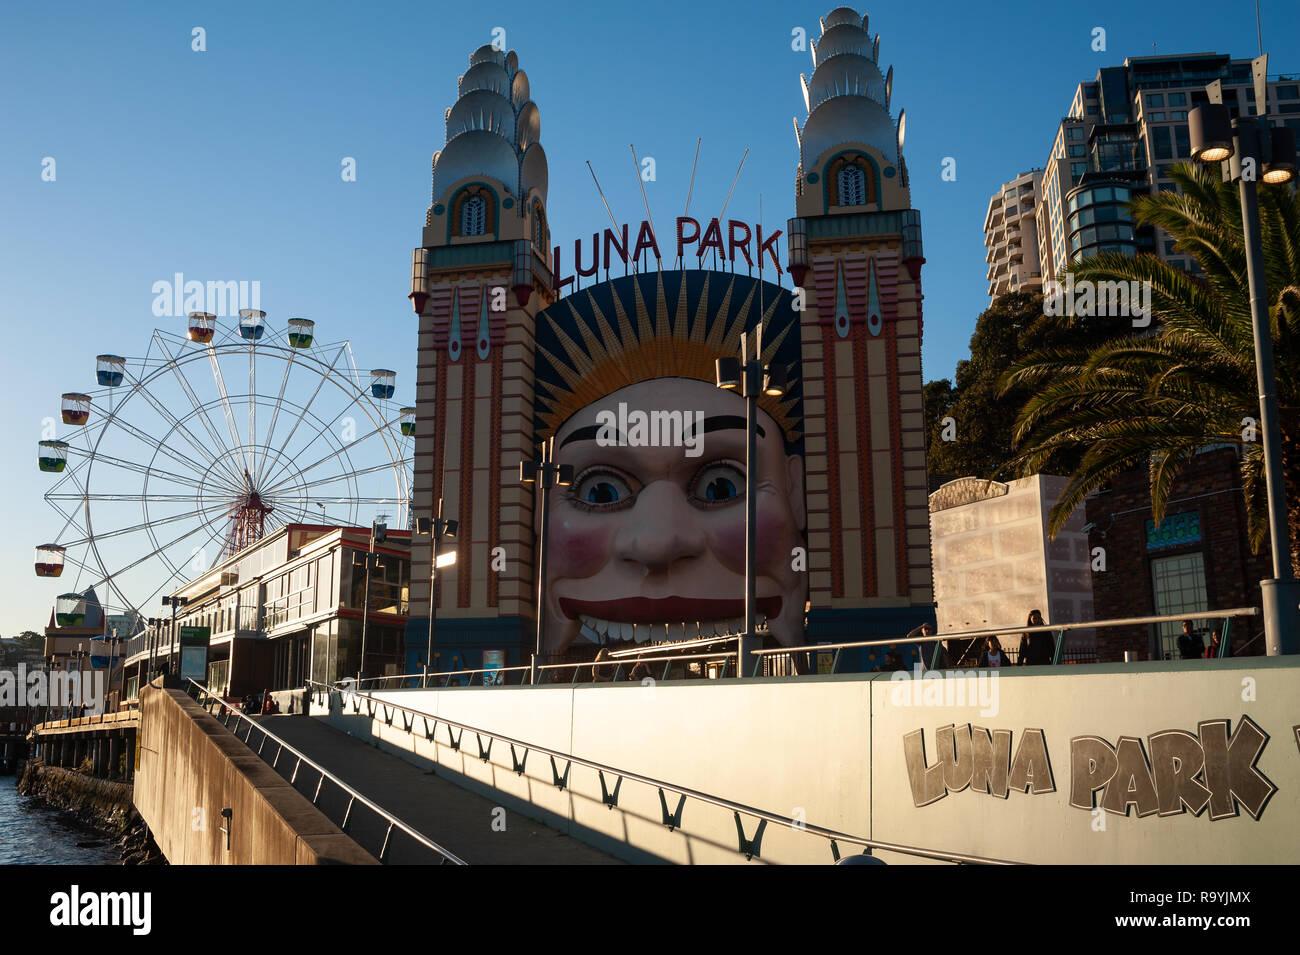 07.05.2018, Sydney, New South Wales, Australien - Ein Blick in den mit einem Gesicht verzierten Eingang zum Vergnuegungspark Luna Park und dem Riesen Stockbild